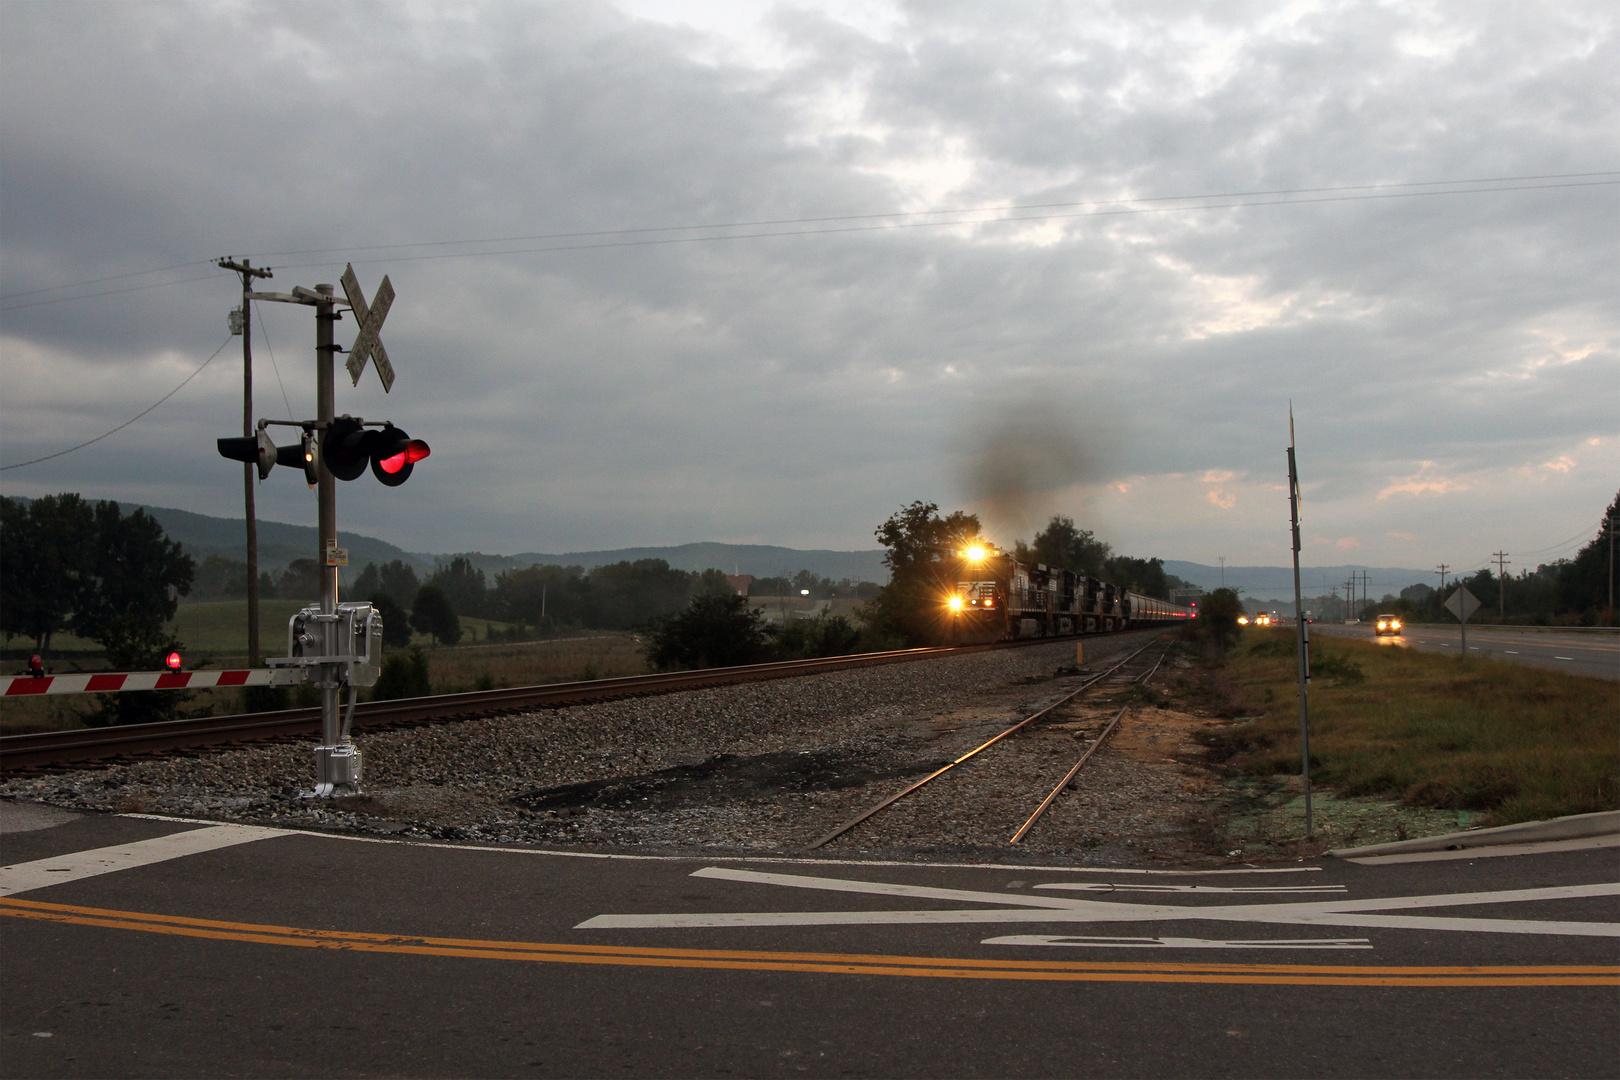 Ein Güterzug mit Getreidewagen nähert sich dem Bahnübergang mit Horn und Warnlichtern,USA